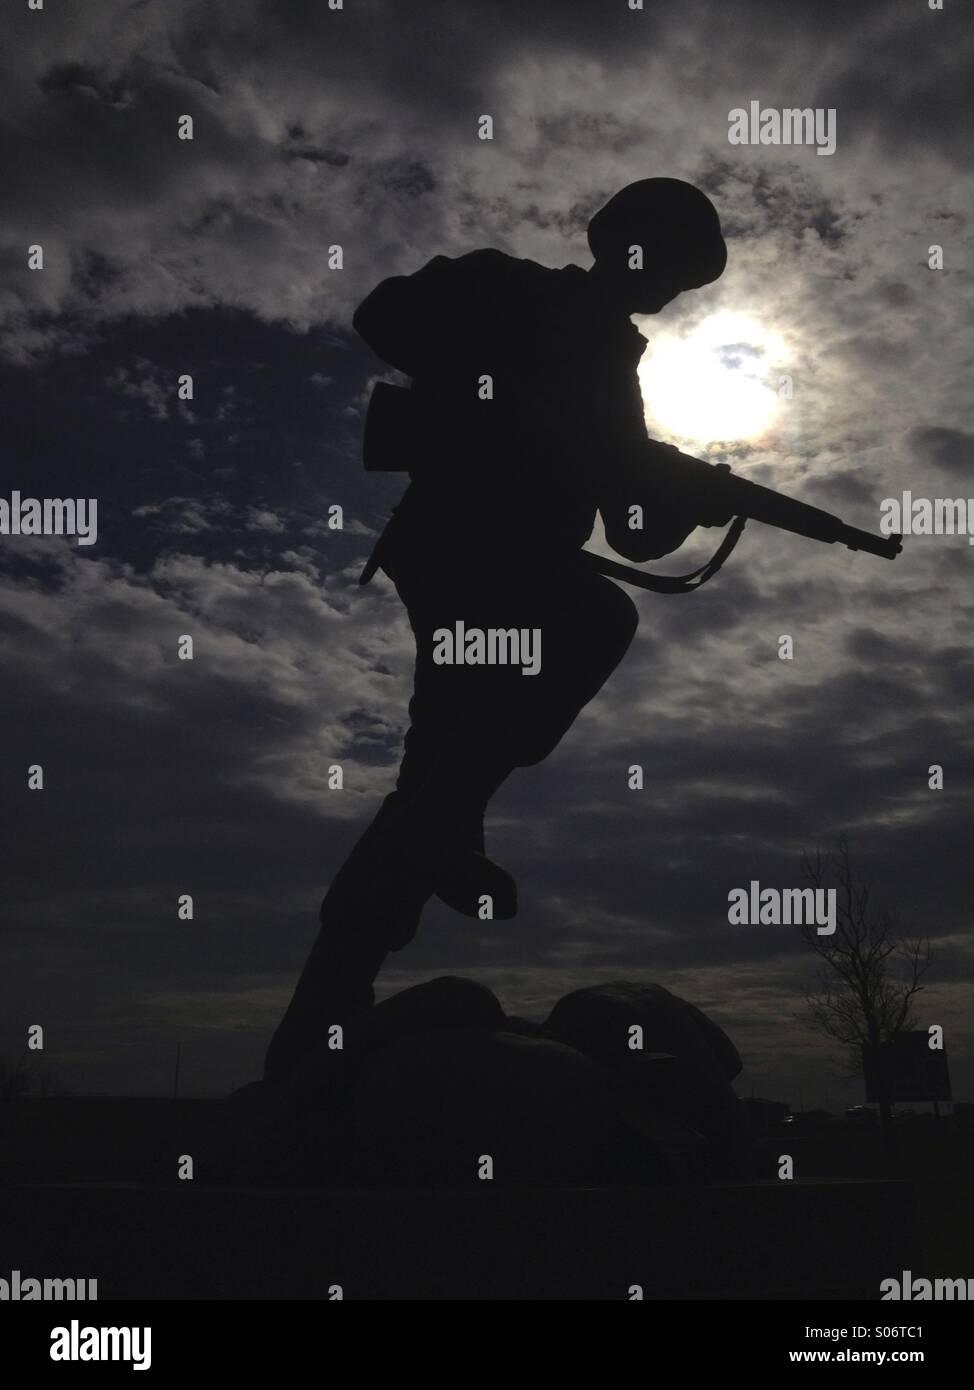 Eine militärische Soldat ist Statue mit scheinbar dramatischen Schwarzarbeit. Stockbild